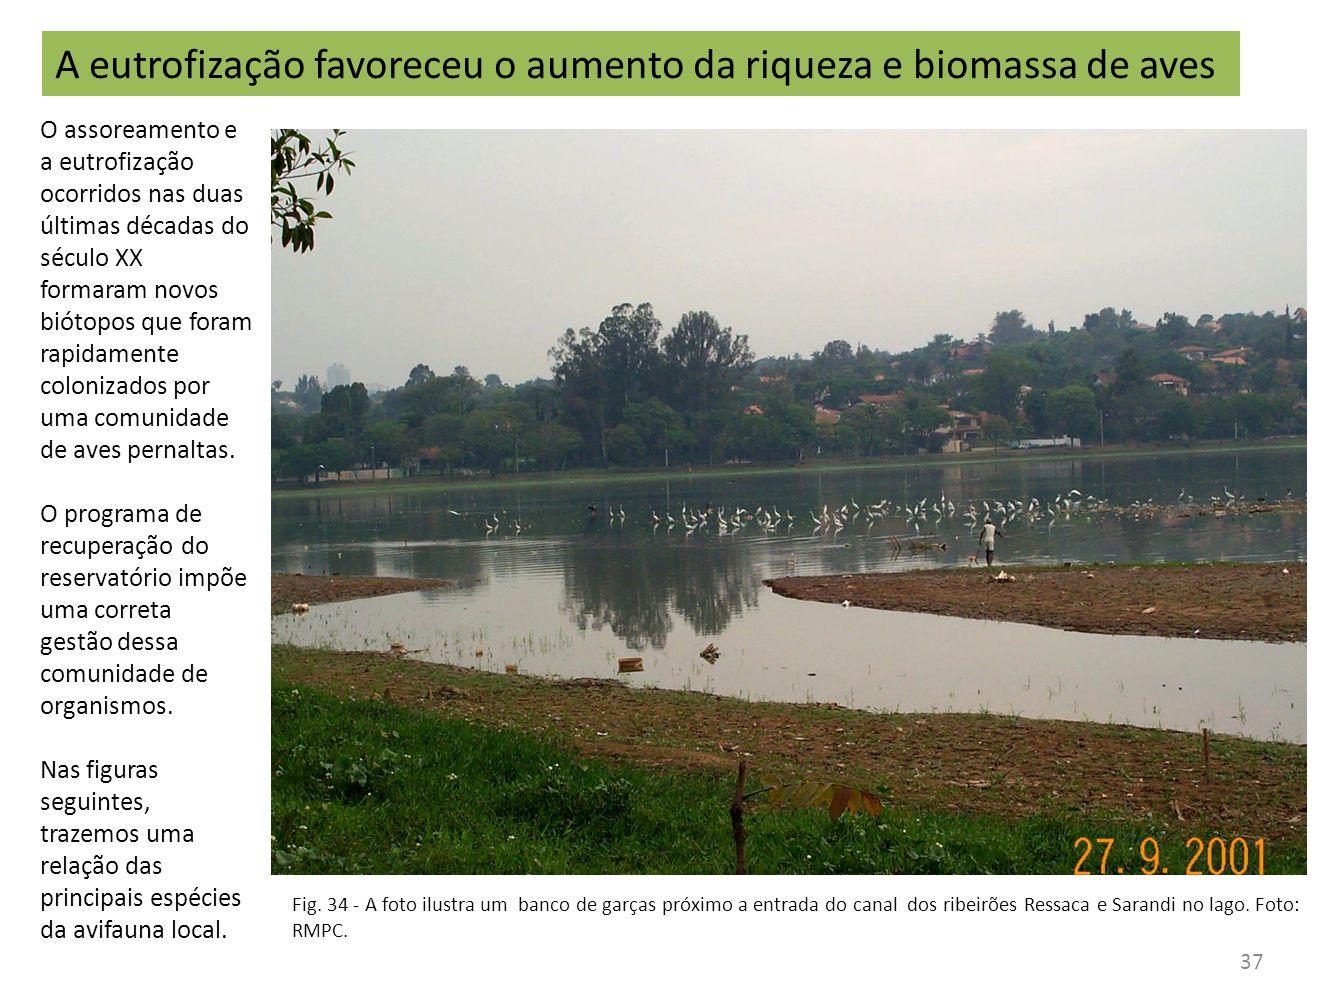 1 - Gallinula chloropus (Frango-d água-comum) 2 - Podilymbus podiceps (Mergulhão) - Plumagem reprodutiva 2a - Plumagem de descanso 3 - Tringa solitaria (Maçarico-solitário) 4 - Vanellus chilensis (Quero-quero) 5 - Jacana jacana (Jaçanã) - Adulto 5a - Jovem 6 - Phalacrocorax brasilianus (Biguá) 7 - Aramus guarauna (Carão) 8 - Dendrocygna bicolor (Marreca-caneleira) 9 - Dendrocygna viduata (Irerê) 10 - Dendrocygna autumnalis (Asa-branca) 11 - Netta erythrophthalma (Paturi-preta) 12 - Amazonetta brasiliensis (Ananaí) 13 - Casmerodius albus (Garça-branca-grande) 14 - Egretta thula (Garça-branca-pequena) 15 - Nycticorax nycticorax (Savacu) 16 - Butorides striatus (Socozinho) 17 - Tringa flavipes (Maçarico-de-perna-amarela) 38 Aves pernaltas encontradas na represa da Pampulha (2001).